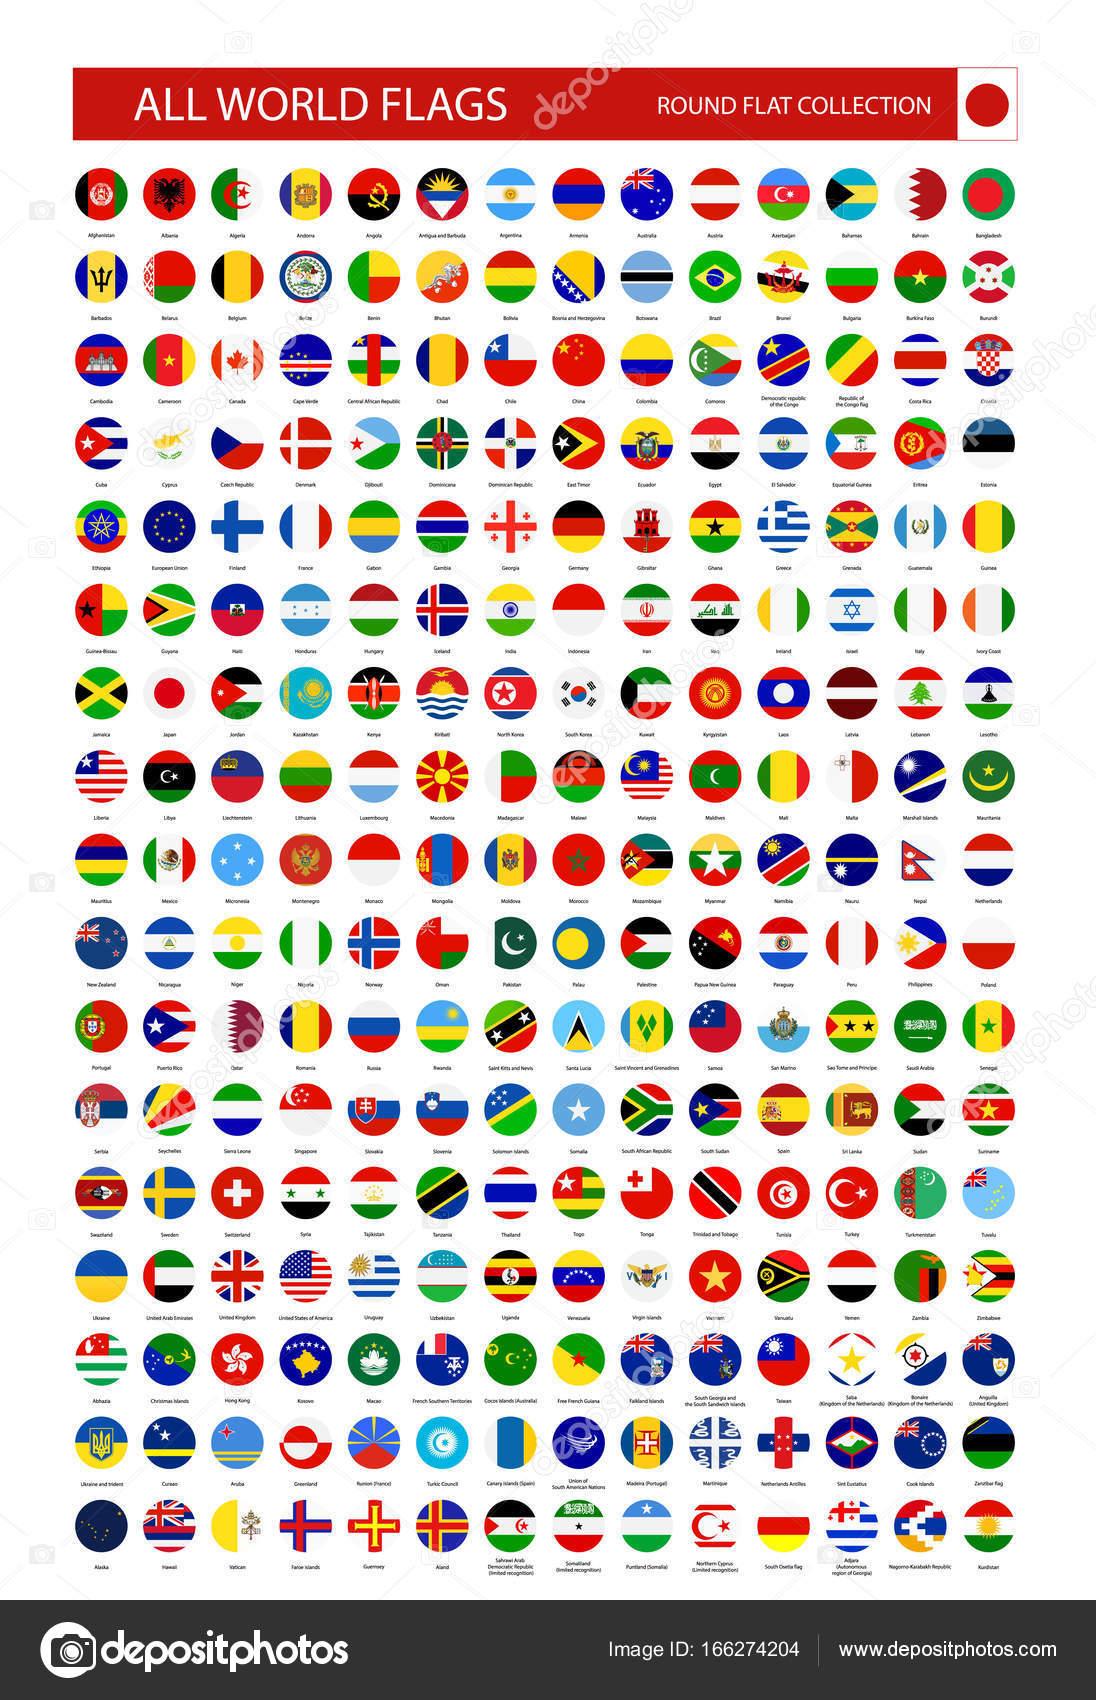 banderas del.mundo